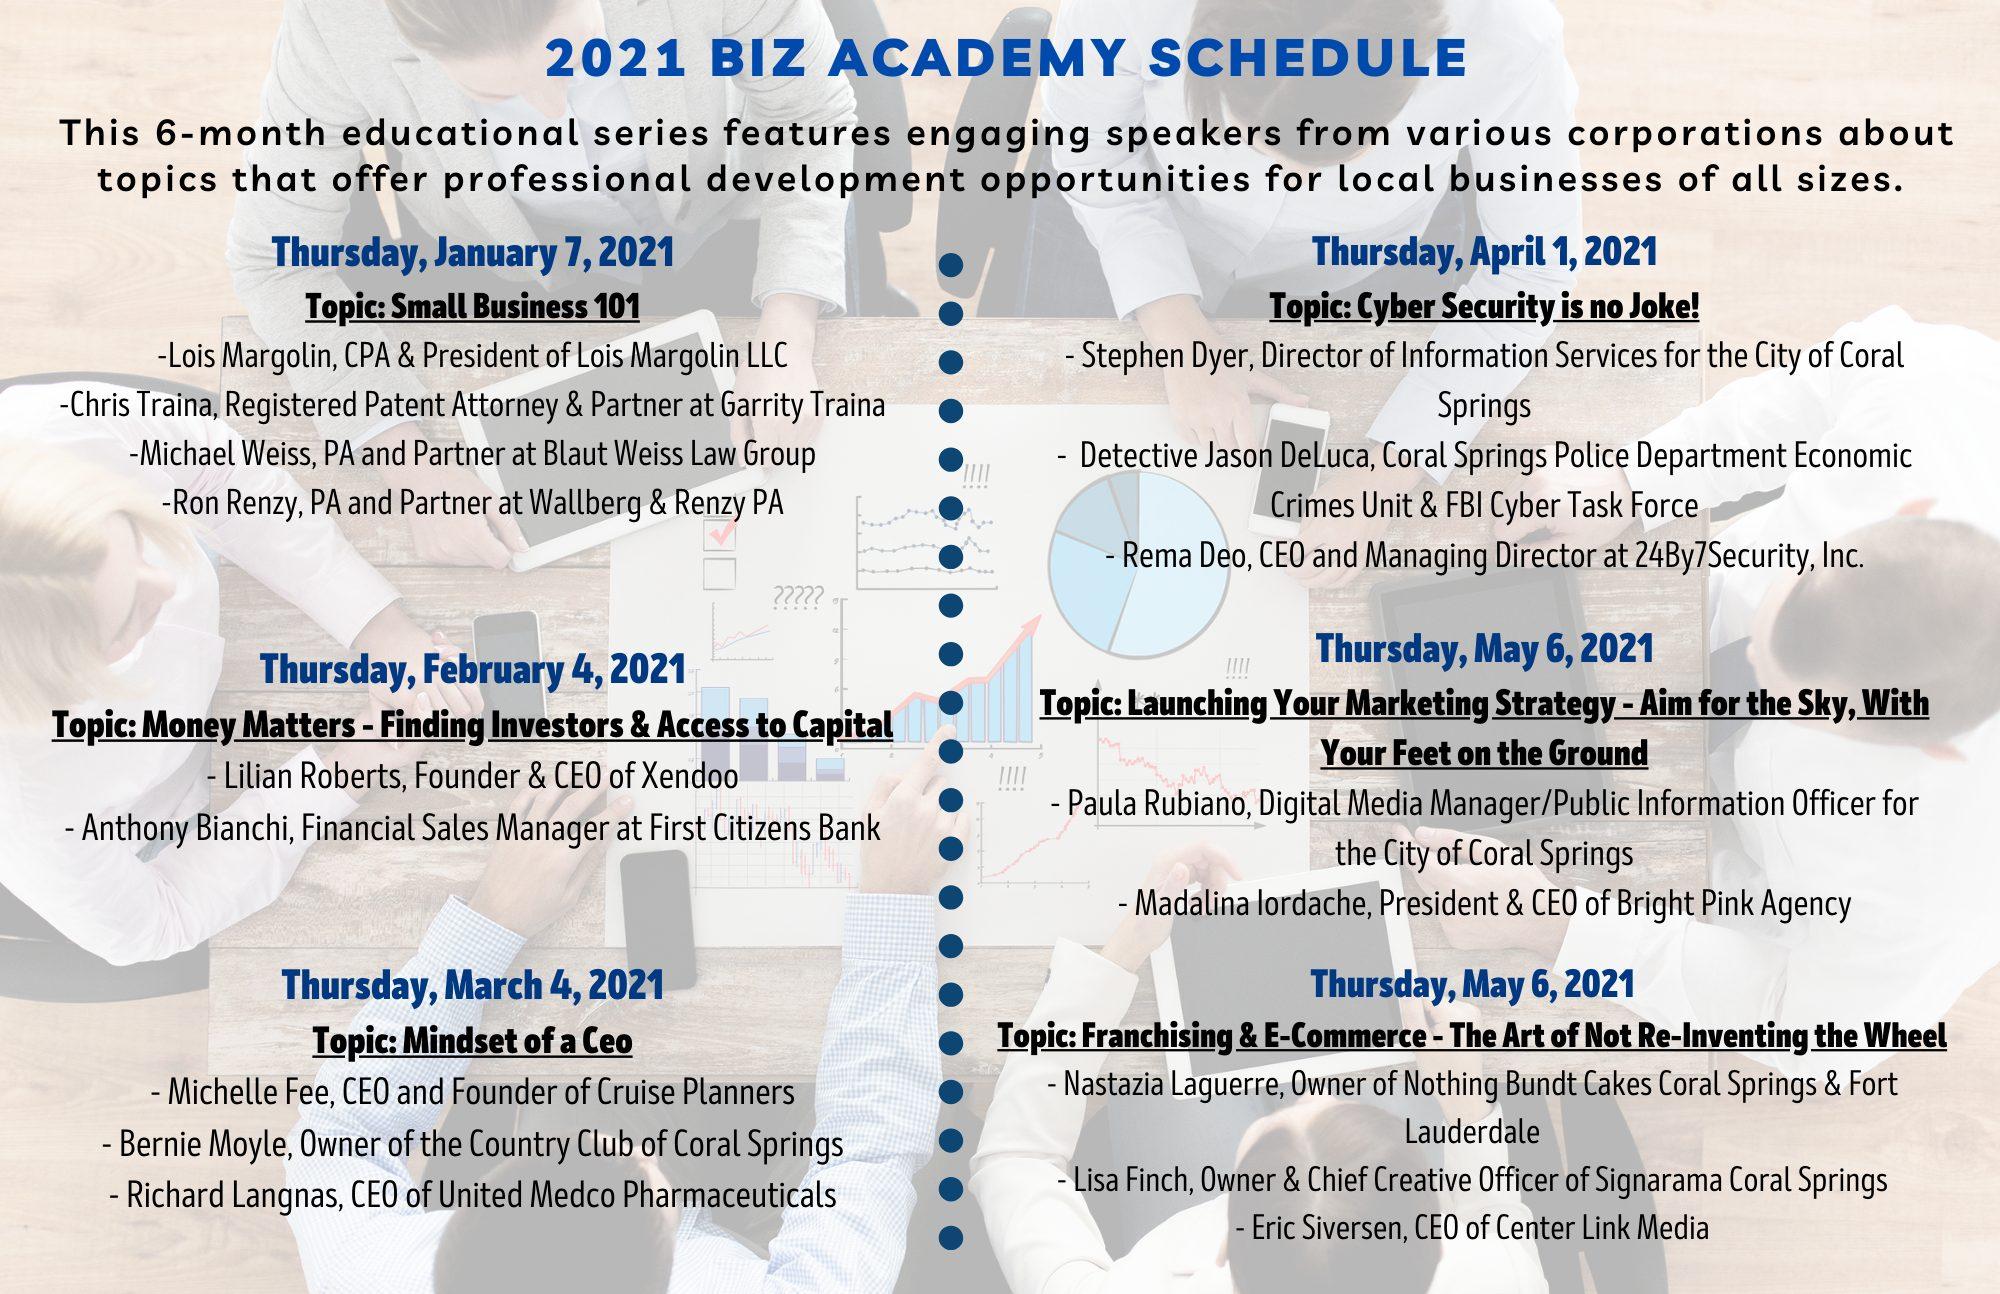 2021 Biz Academy Schedule